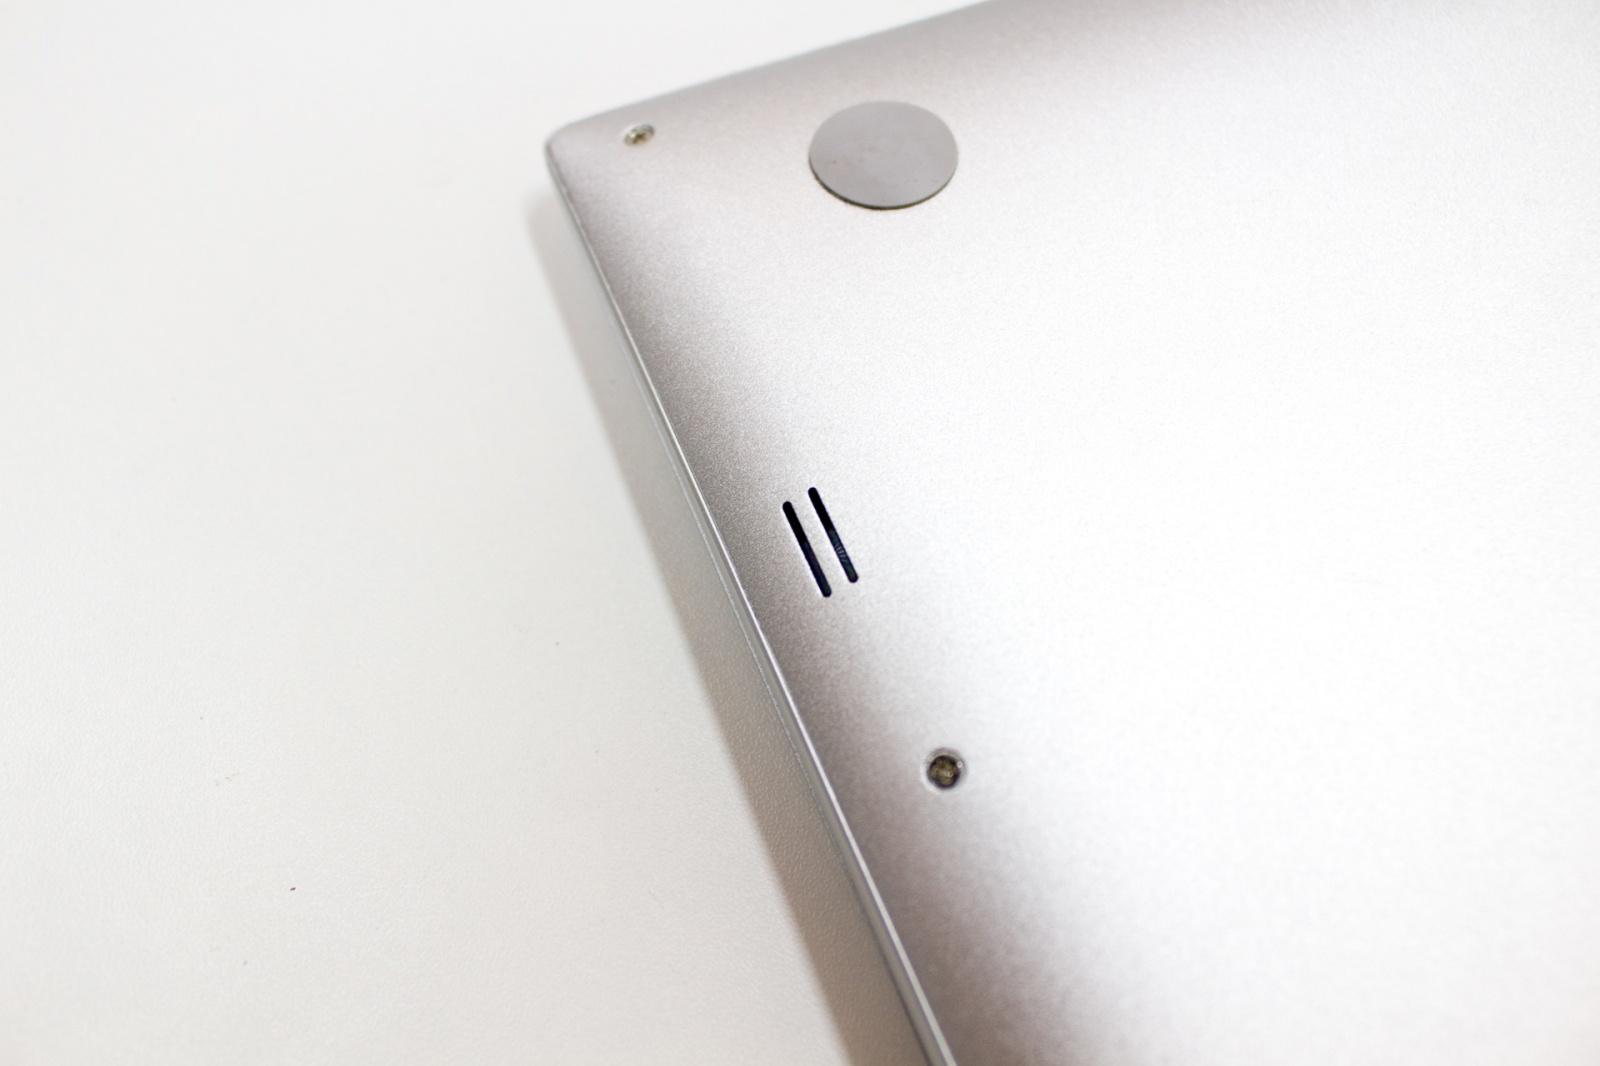 """Исследуем и частично разбираем дешевые китайские ноутбуки с диагональю 13,3"""": жить уже можно - 33"""